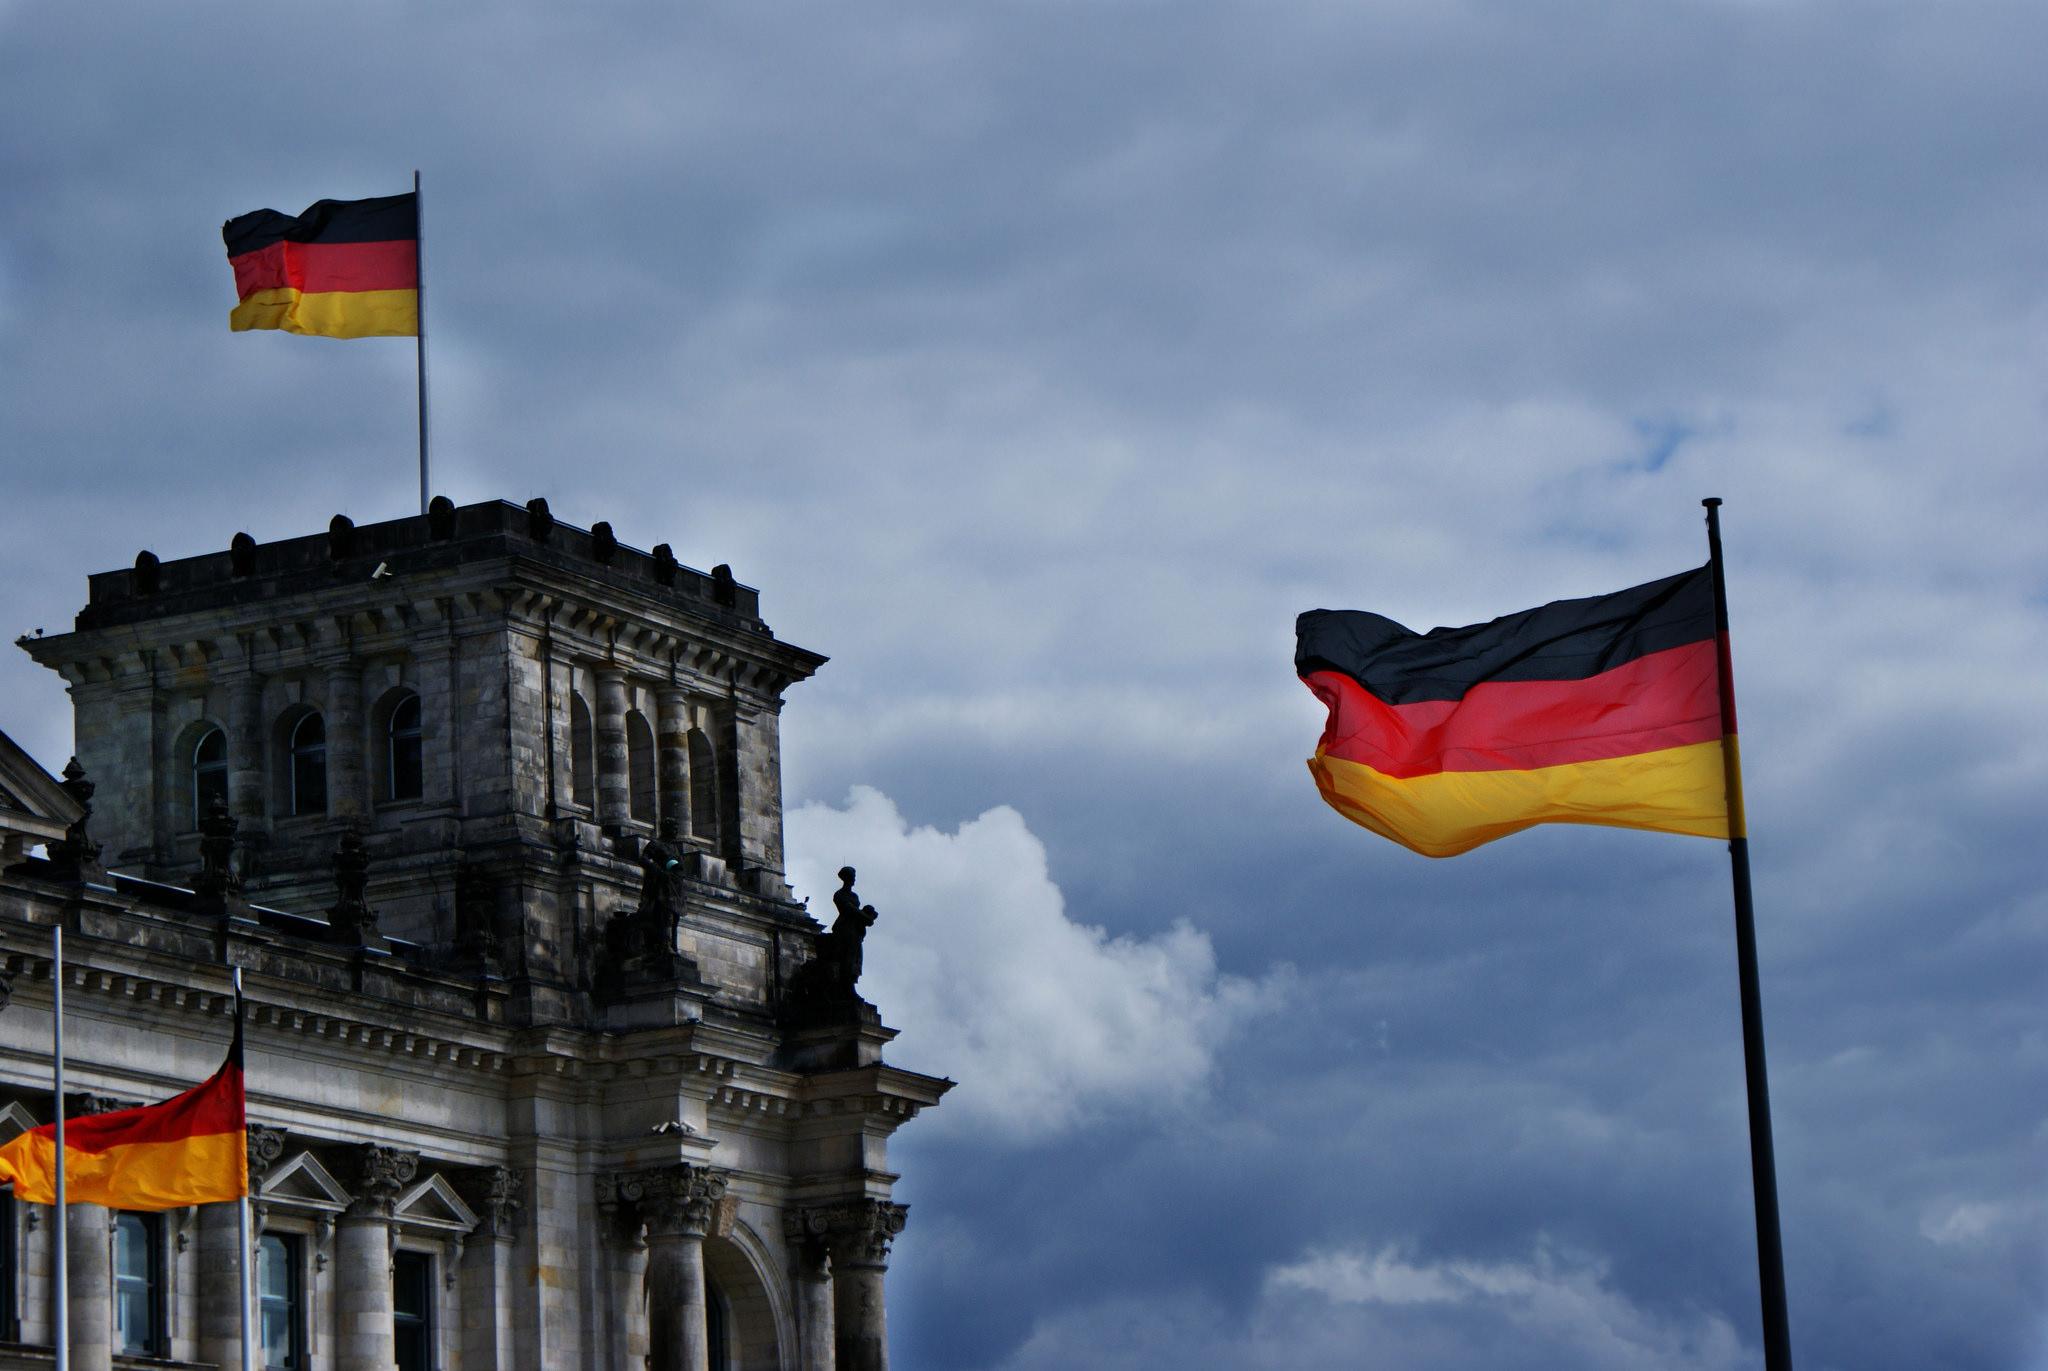 Αύξηση μισθών 2% αναμένεται στη Γερμανία